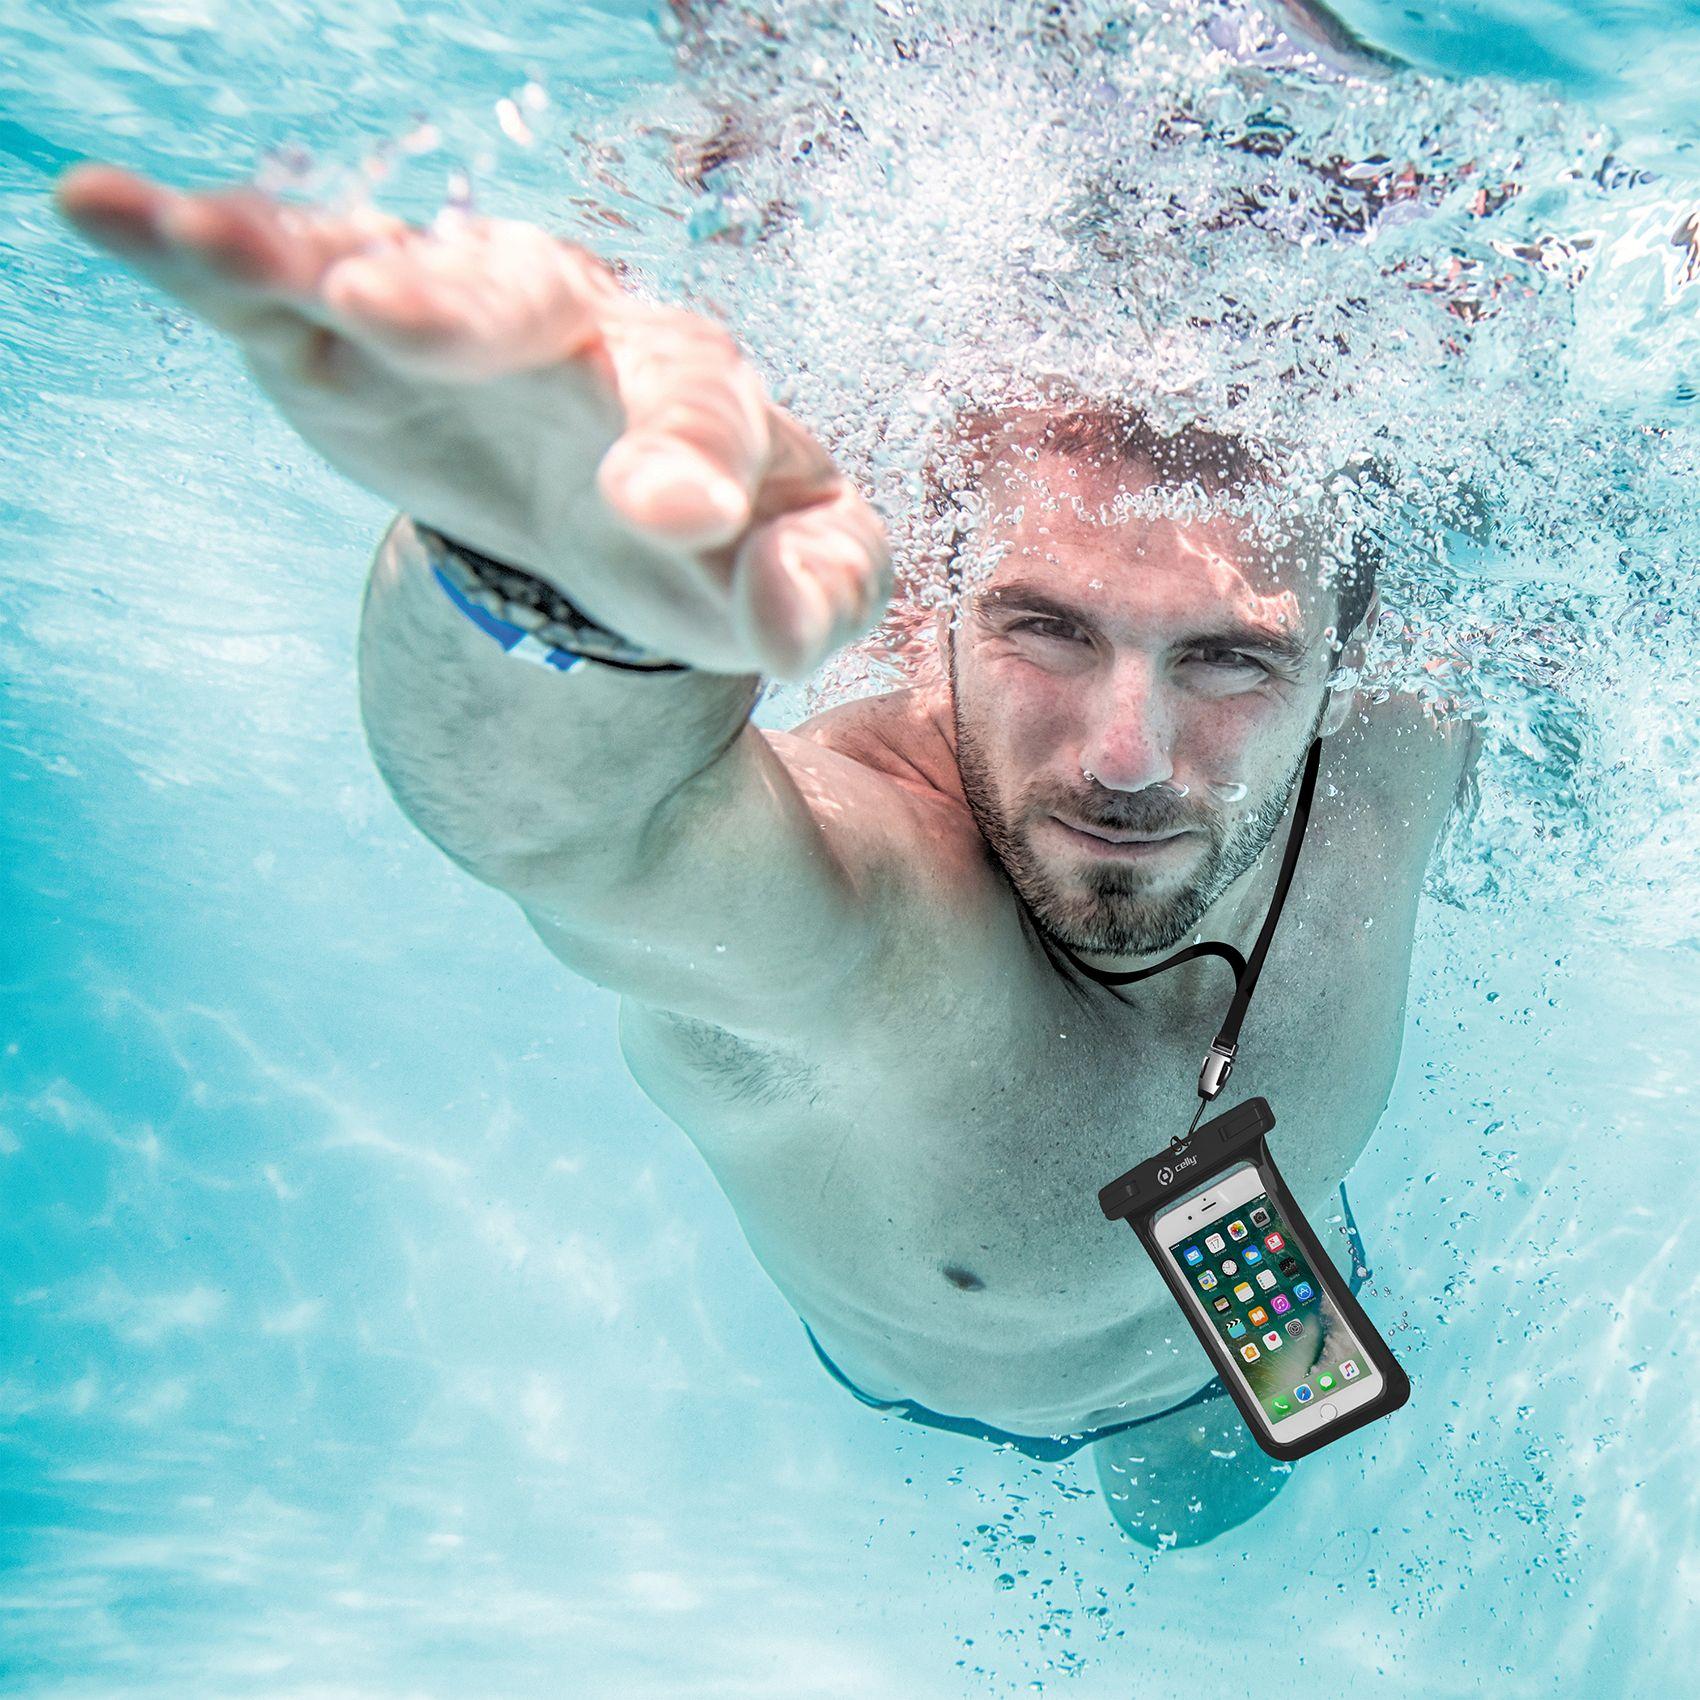 """Univerzální voděodolné pouzdro CELLY Splash Bag pro telefony 6,2"""", černé"""